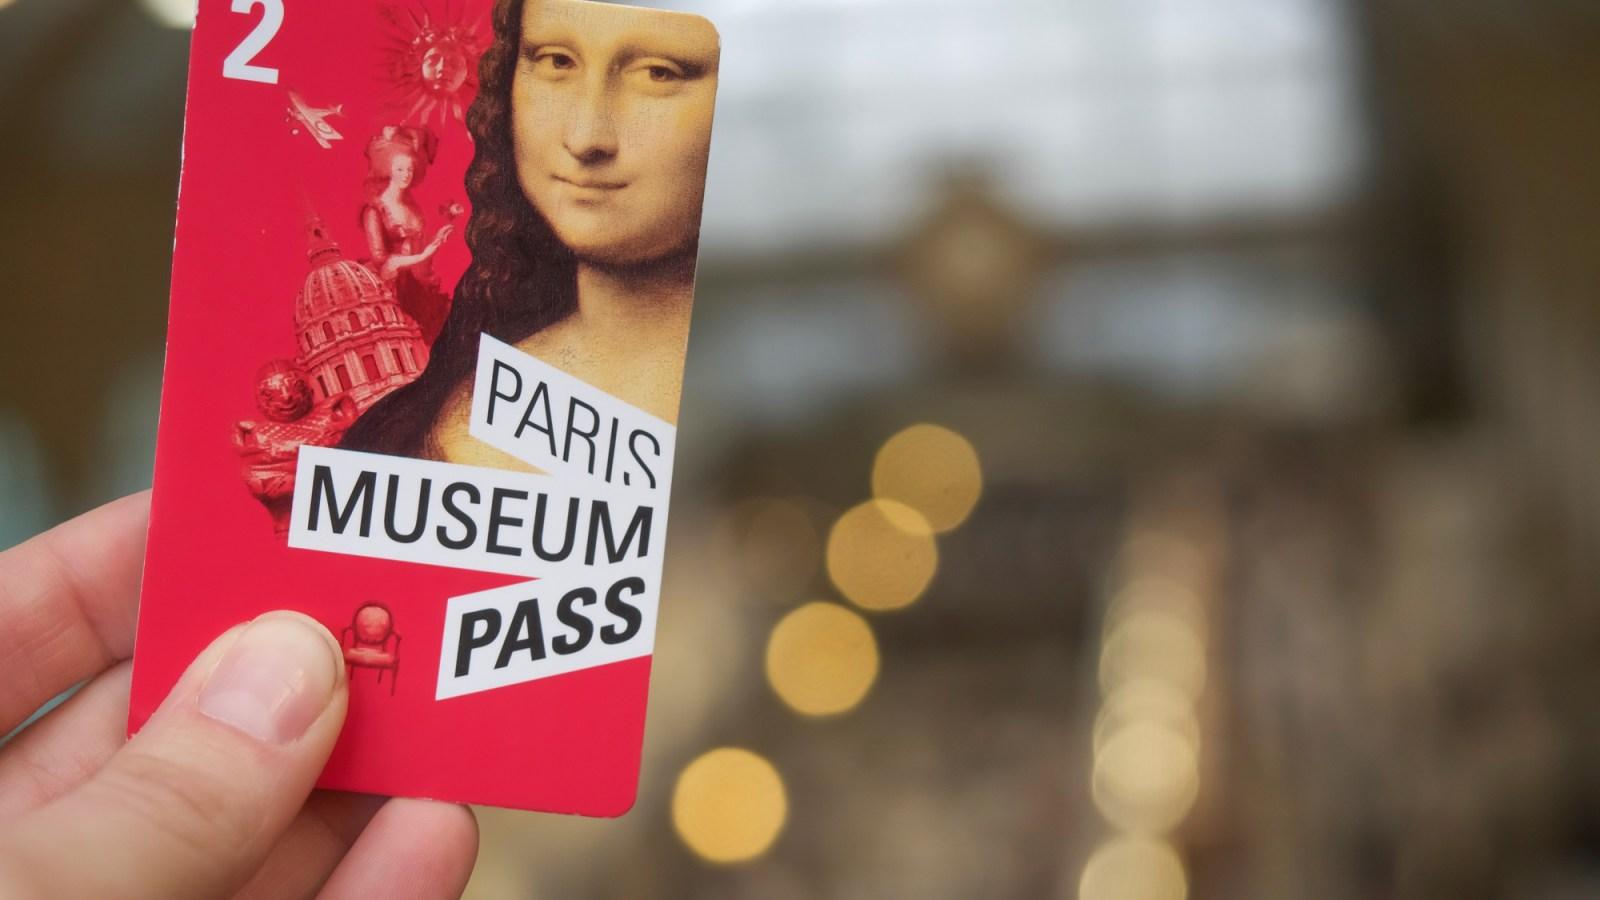 3 days in Paris, France | Paris Museum Pass | Paris Pass | Paris Passlib' | Paris Convention and Visitors Bureau | Notre Dame Cathedral | Saint Chapelle | Musee d'Orsay | Louvre art museum | Eiffel Tower | Seine River cruise | Arc de Triomphe | Notre Dame towers